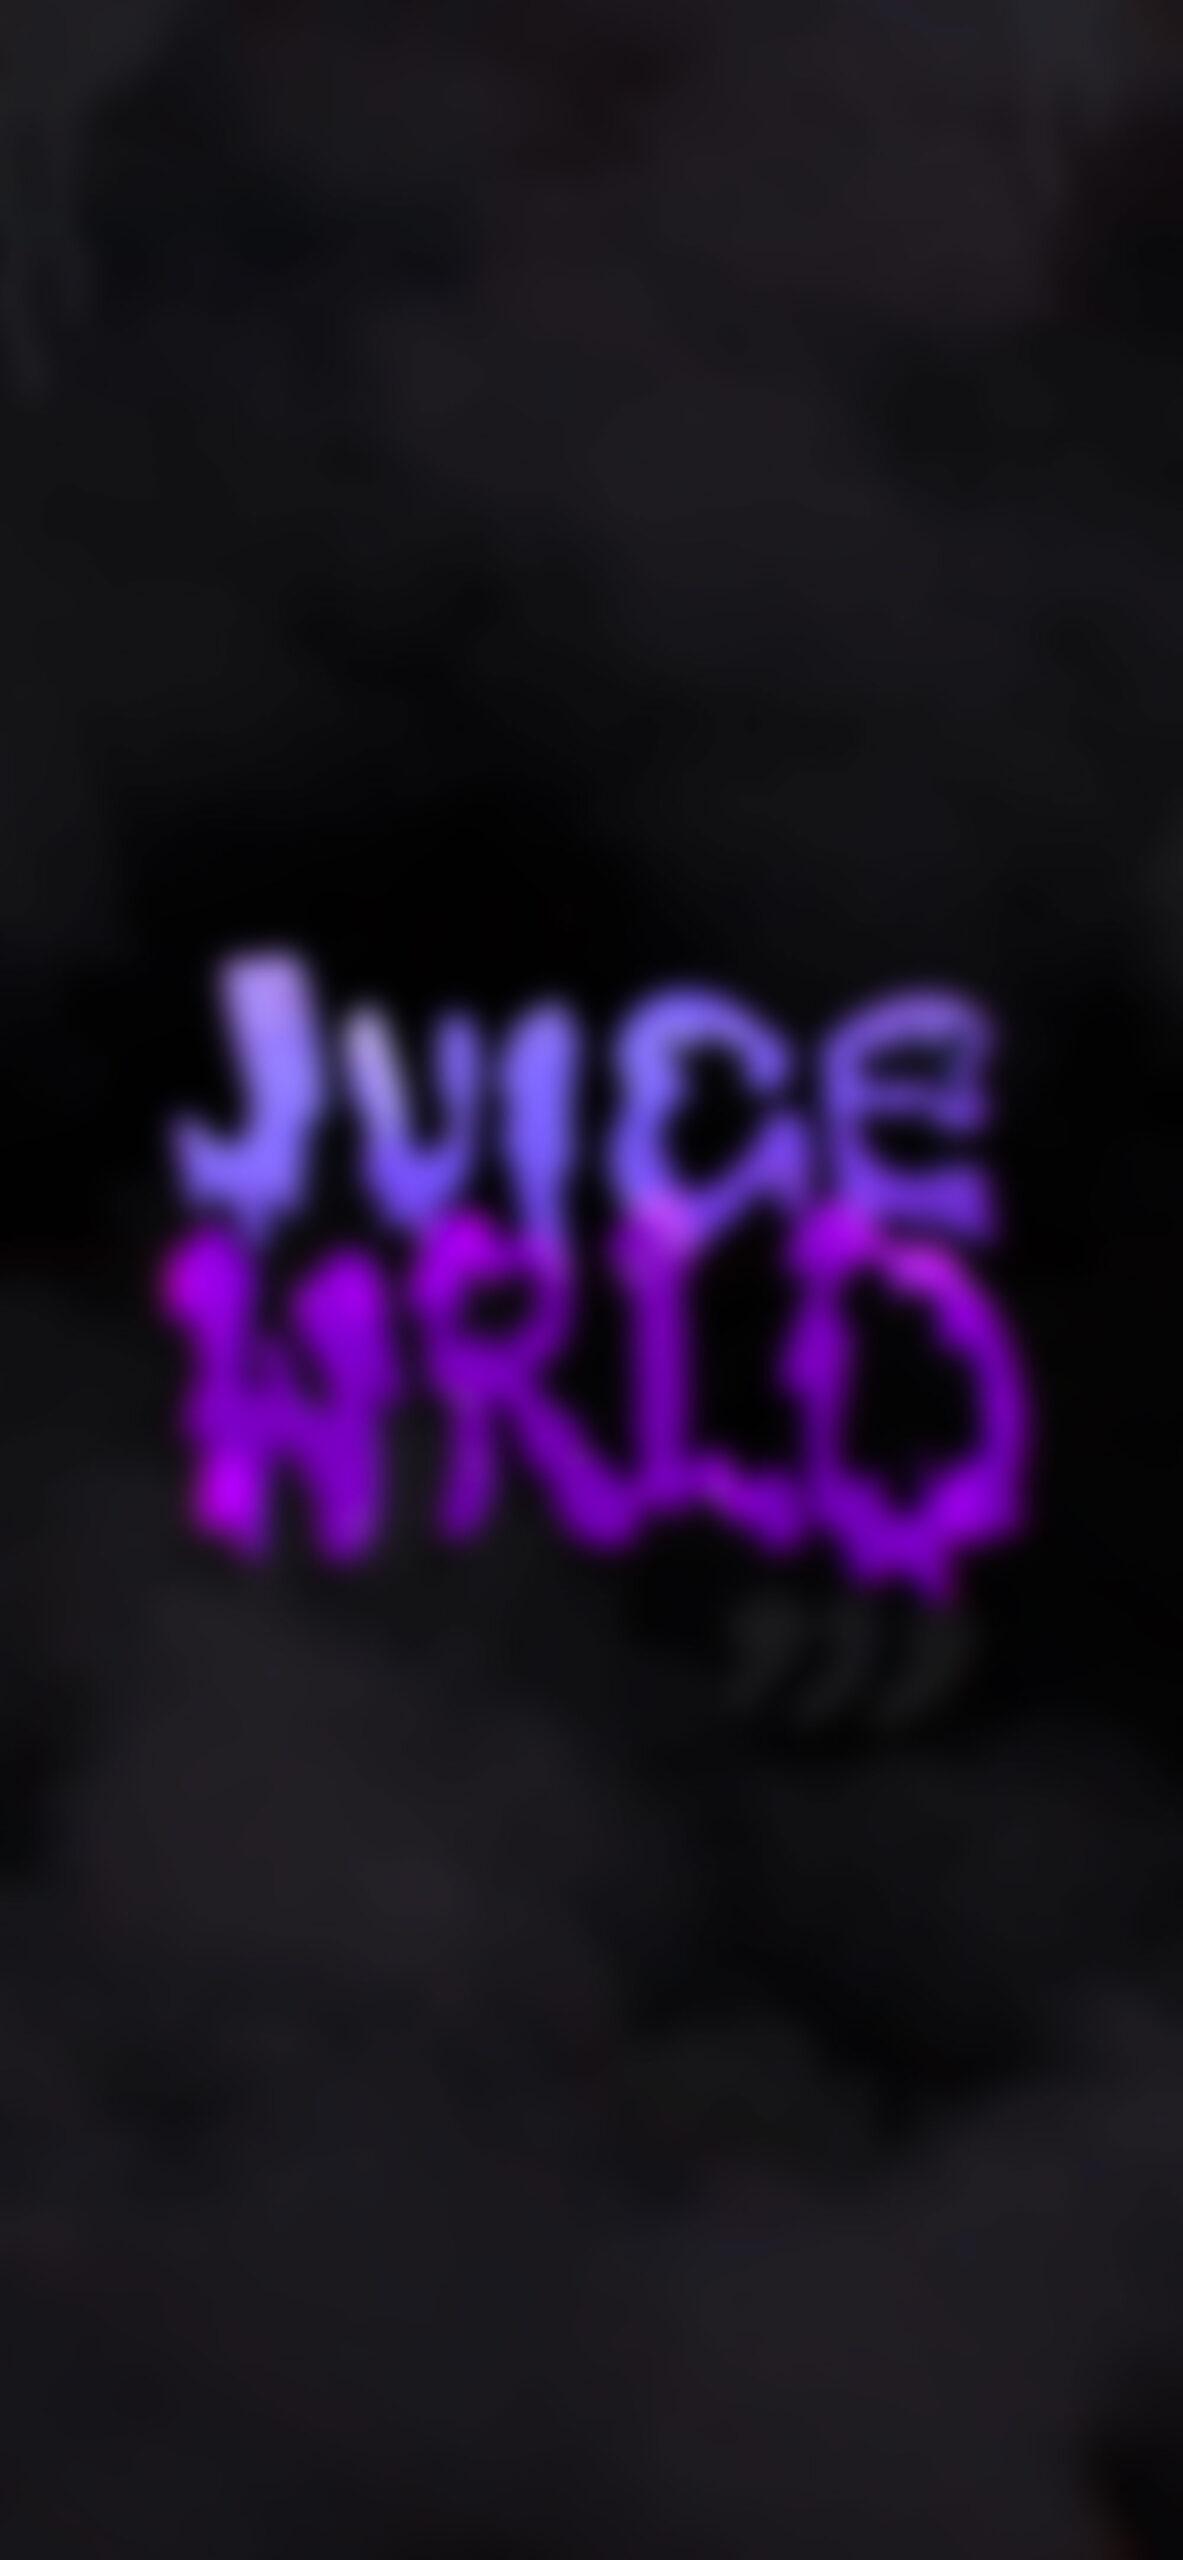 juice wrld tag black blur wallpaper